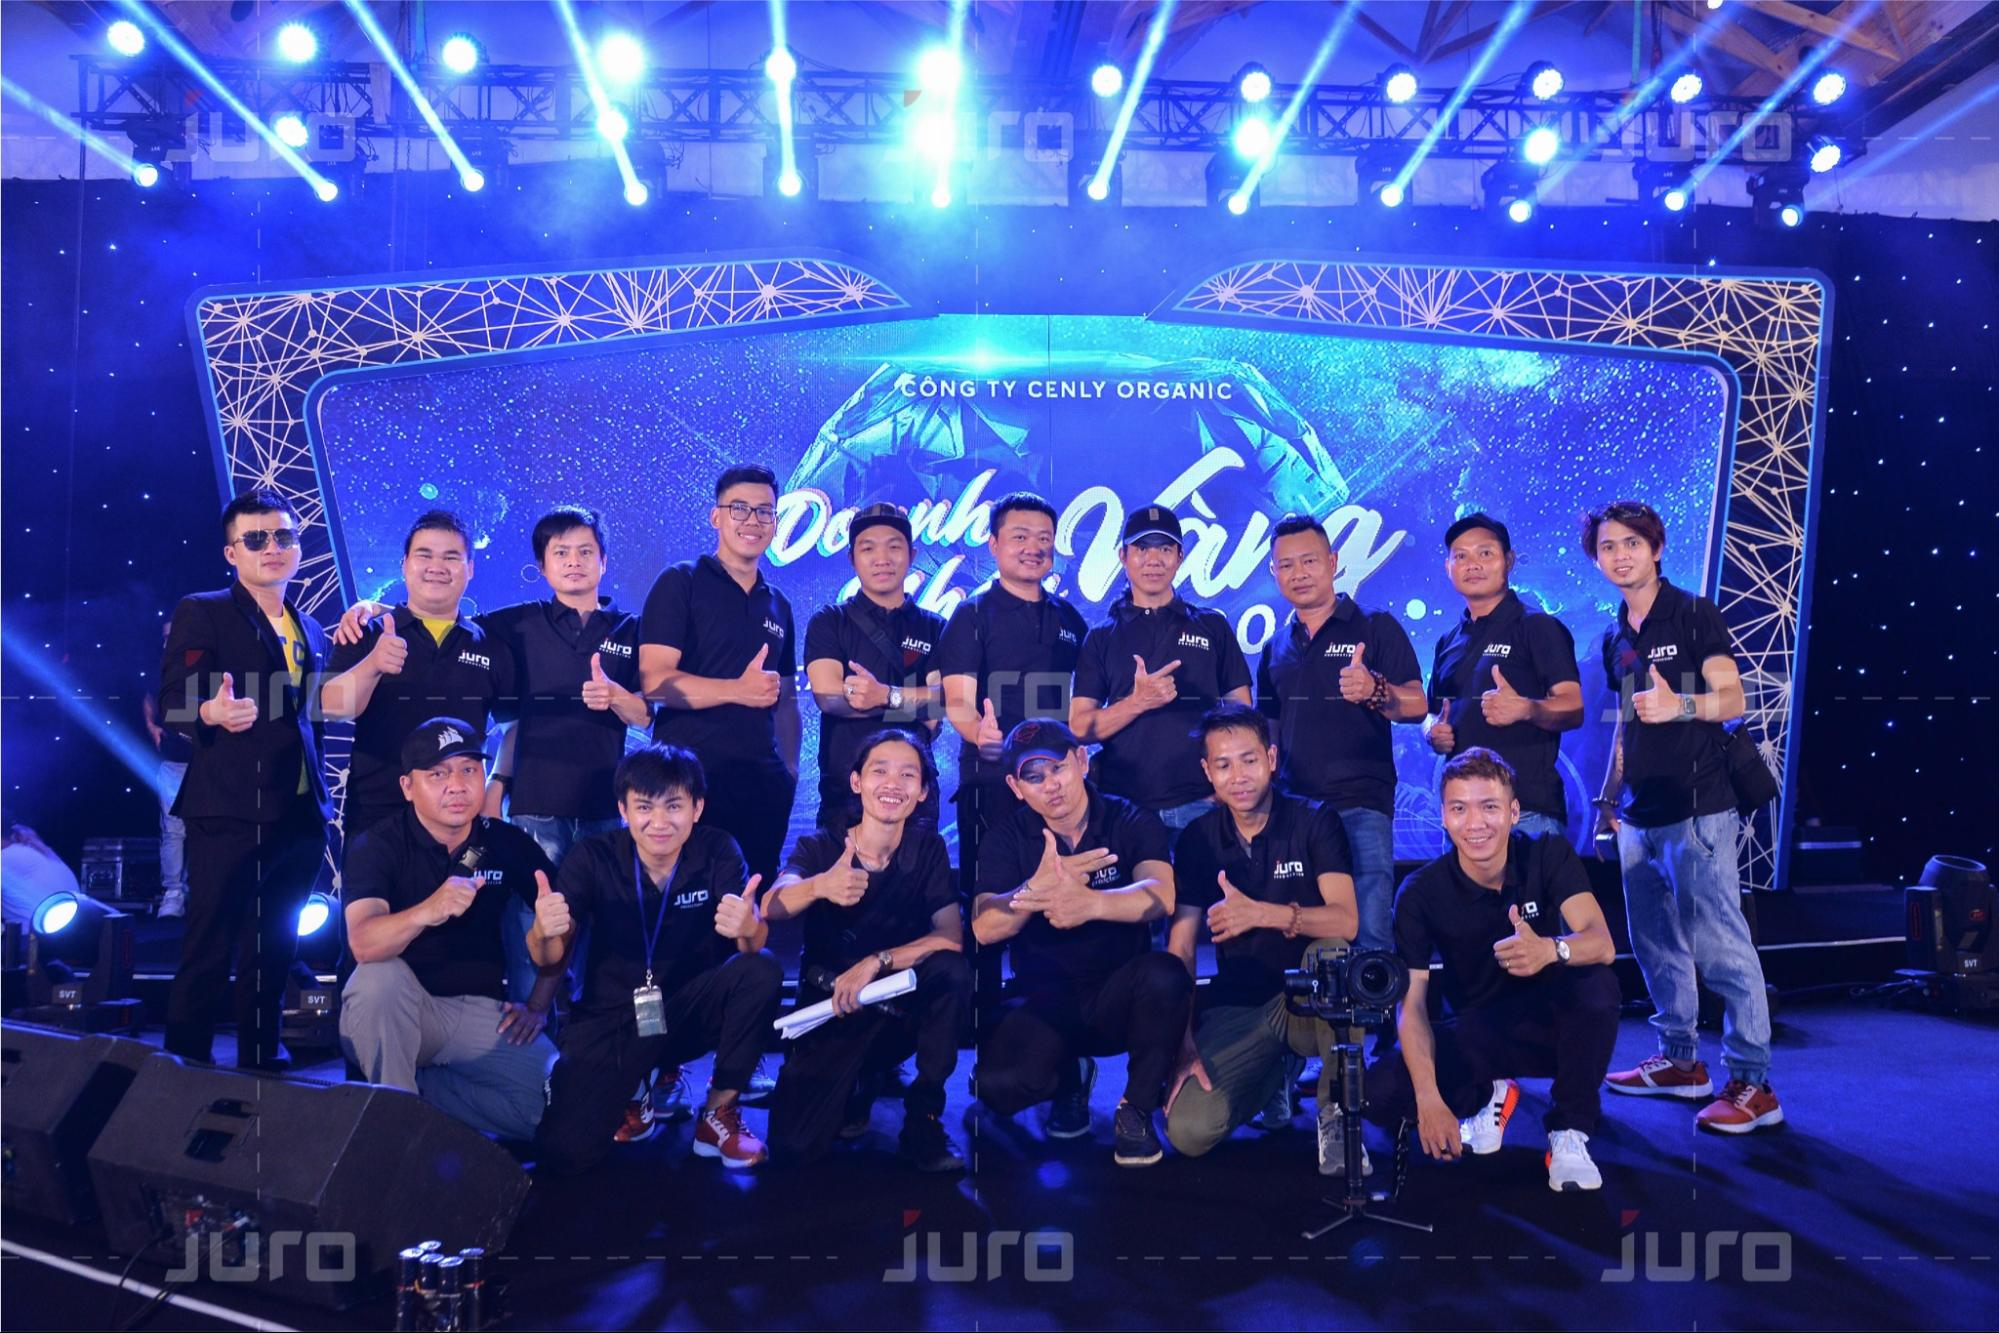 Đội ngũ JURO Production cung cấp nhiều dịch vụ chuyên nghiệp